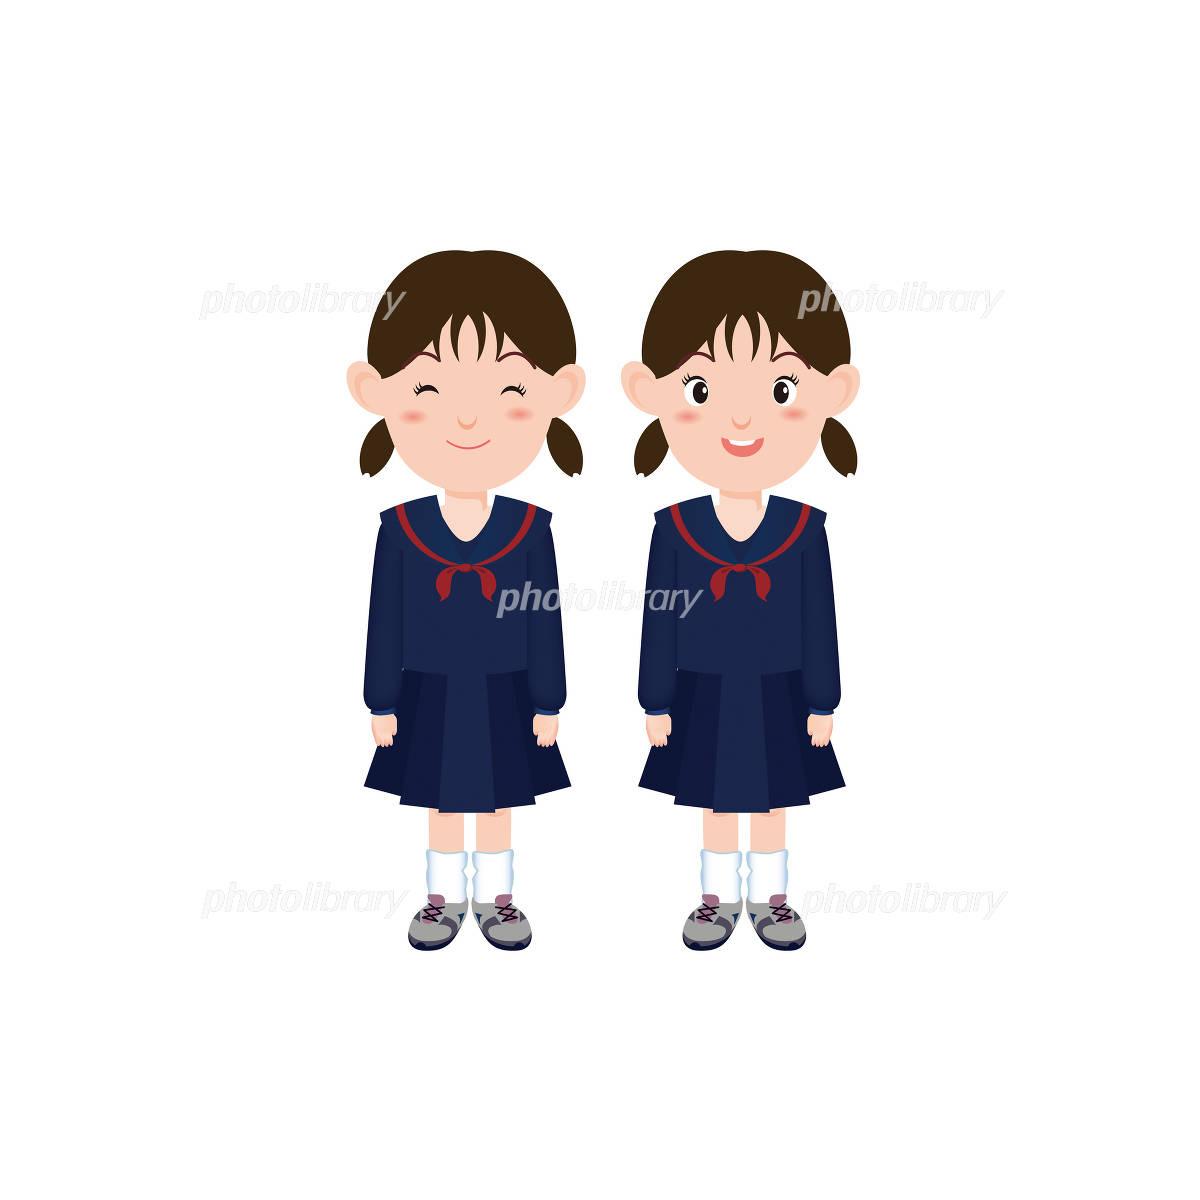 女子中学生のイラストセーラー服 イラスト素材 1048410 フォト